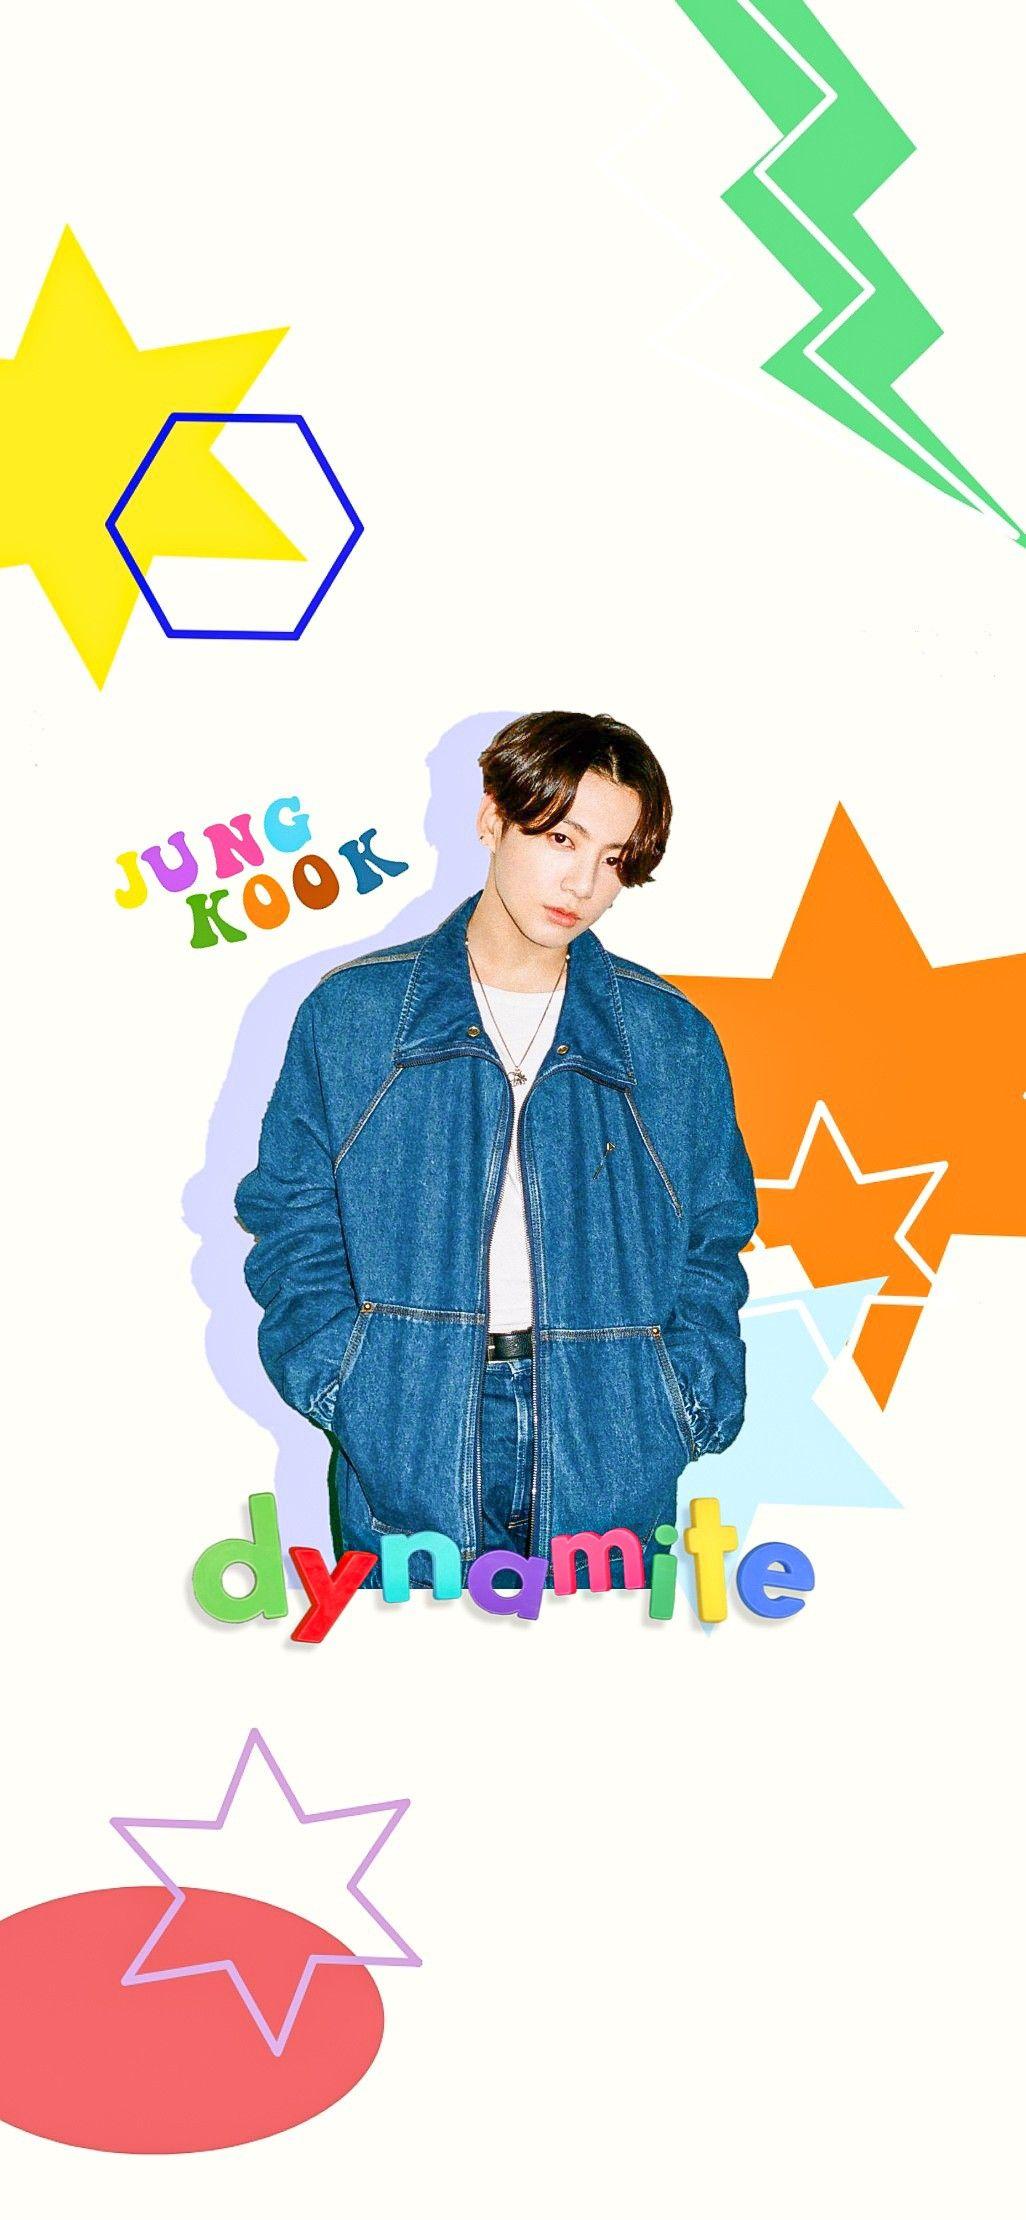 Dynamite Pt 1 Jungkook Bts Jungkook Jungkook Bts Aesthetic Pictures